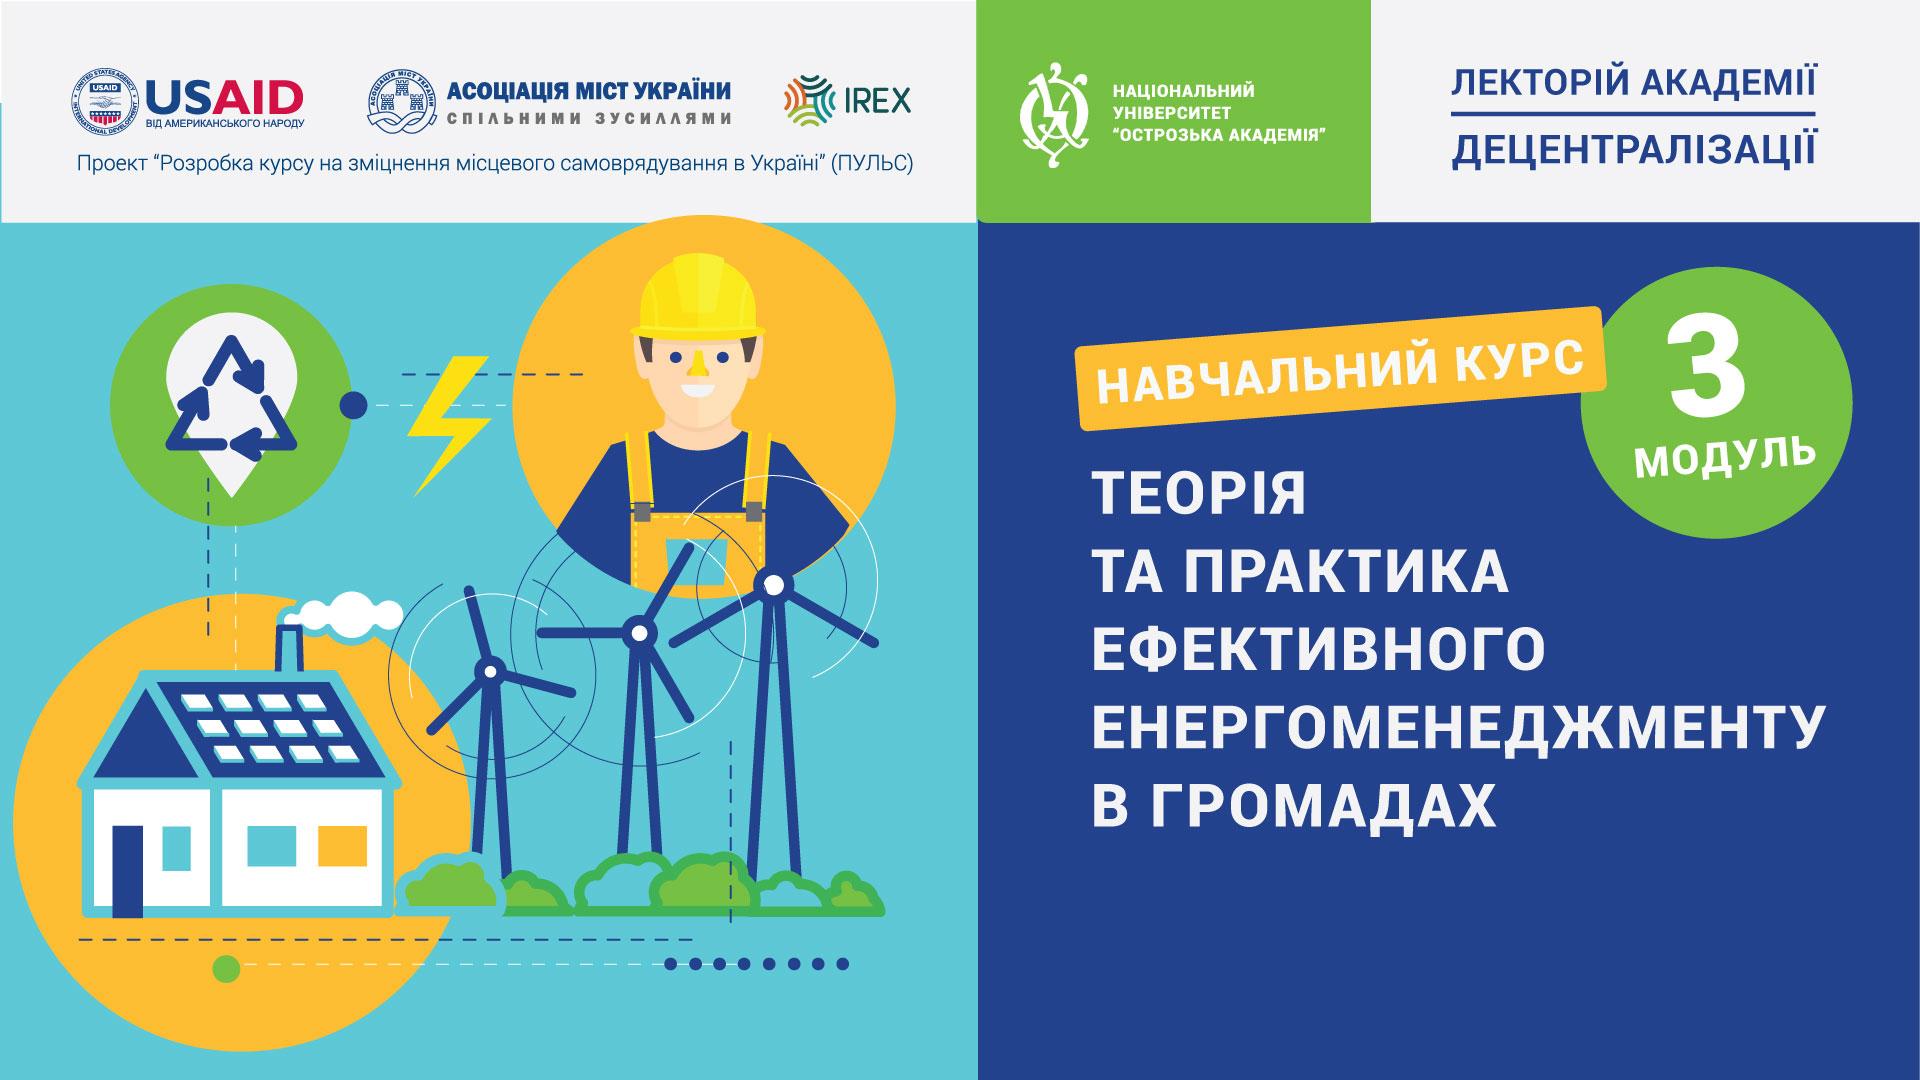 Теорія та практика ефективного енергоменеджменту в громадах